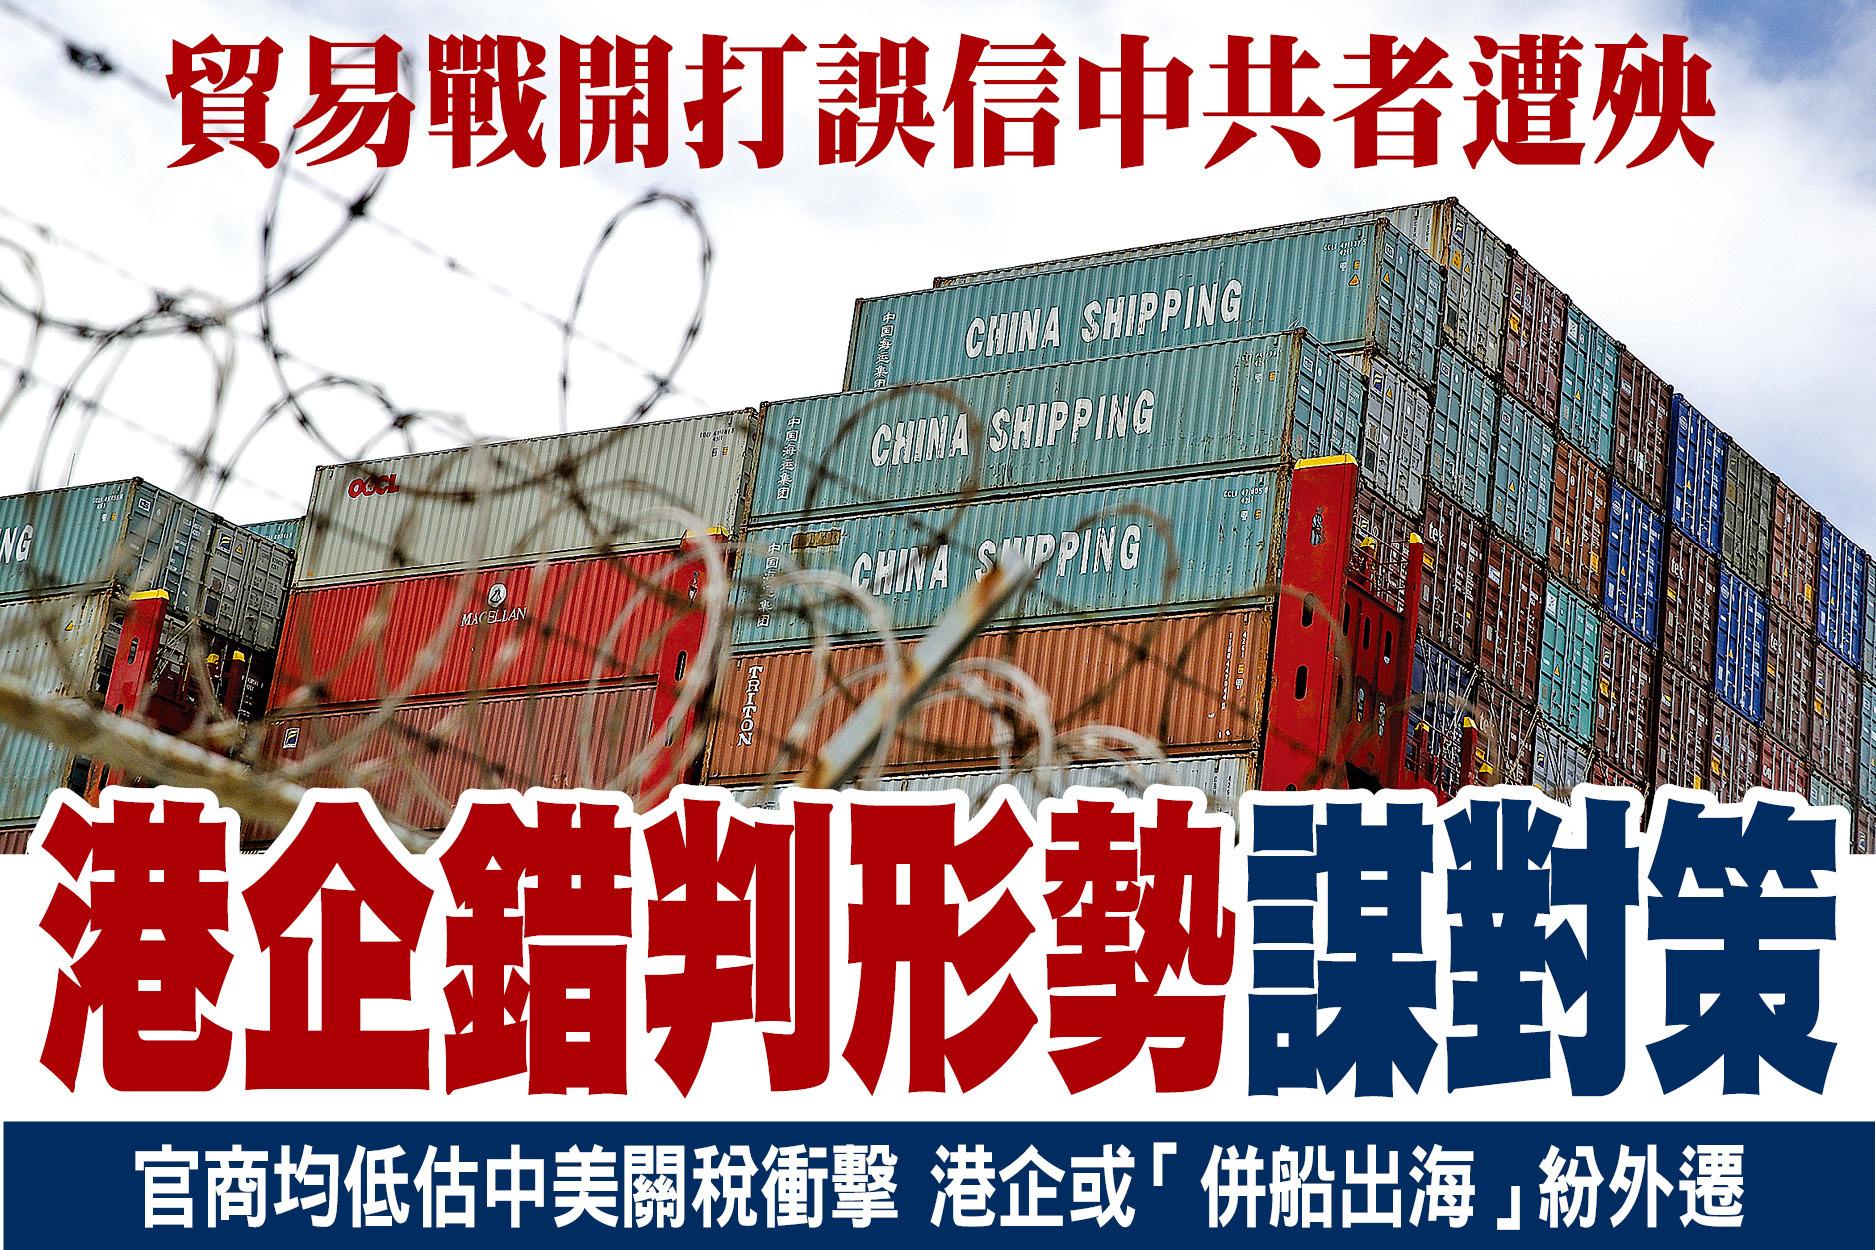 貿易戰開打誤信中共者遭殃 港企錯判形勢謀對策